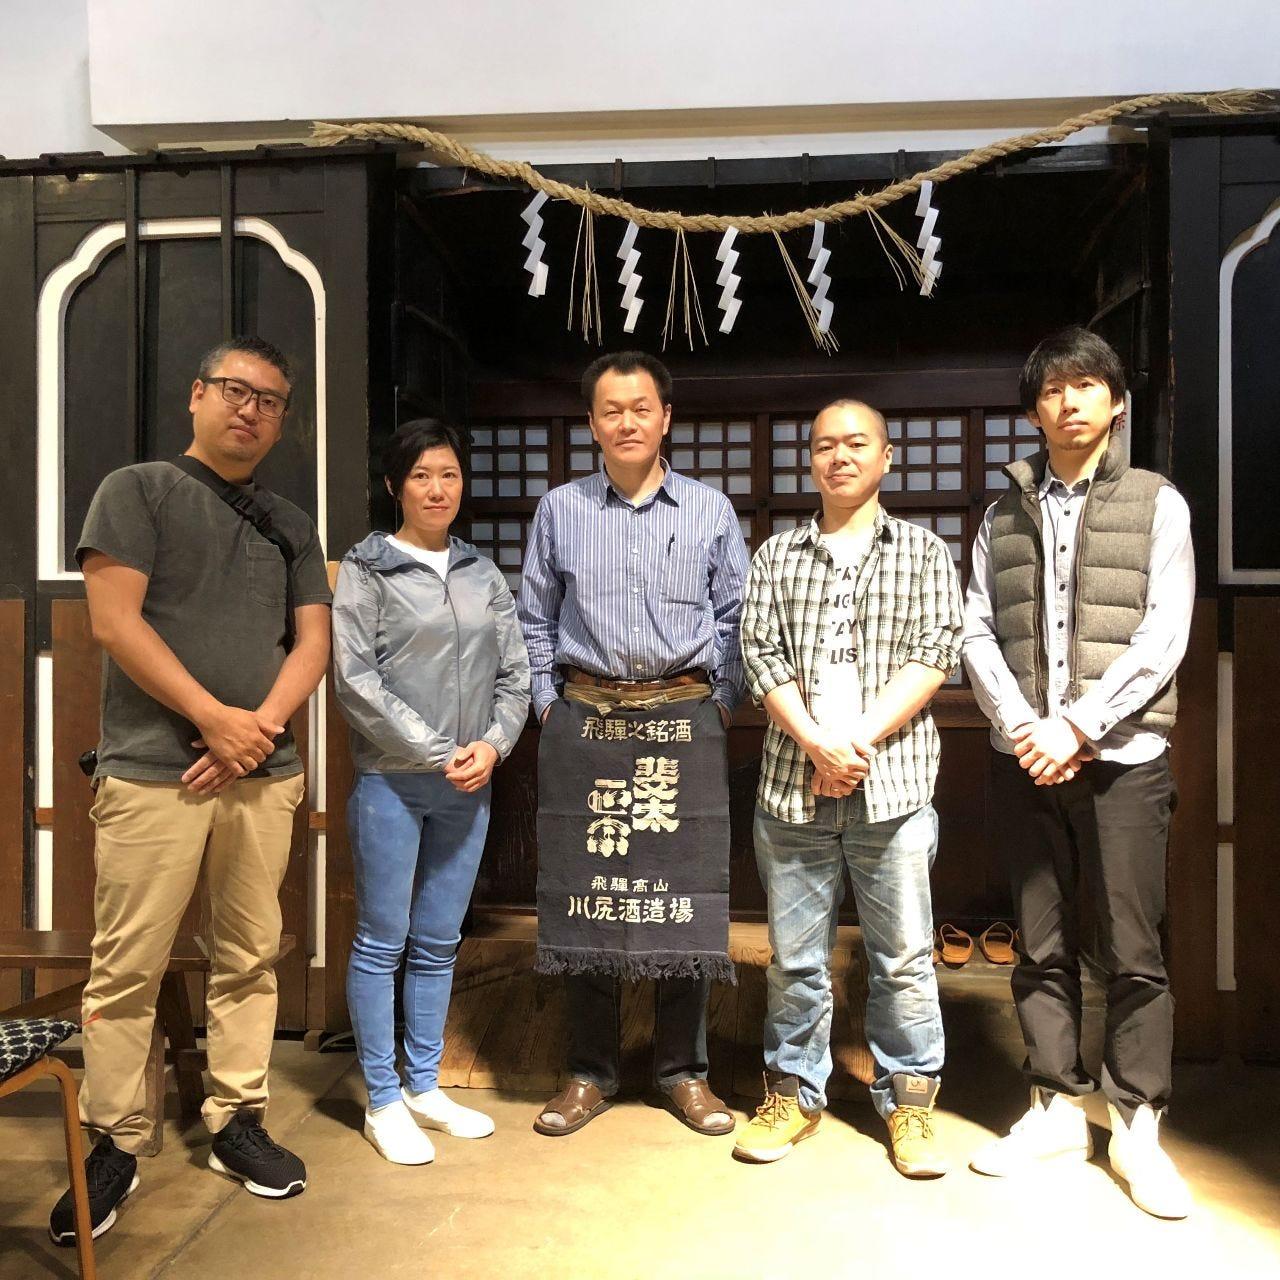 古酒を扱う川尻酒造社長様と海華月スタッフの記念写真。